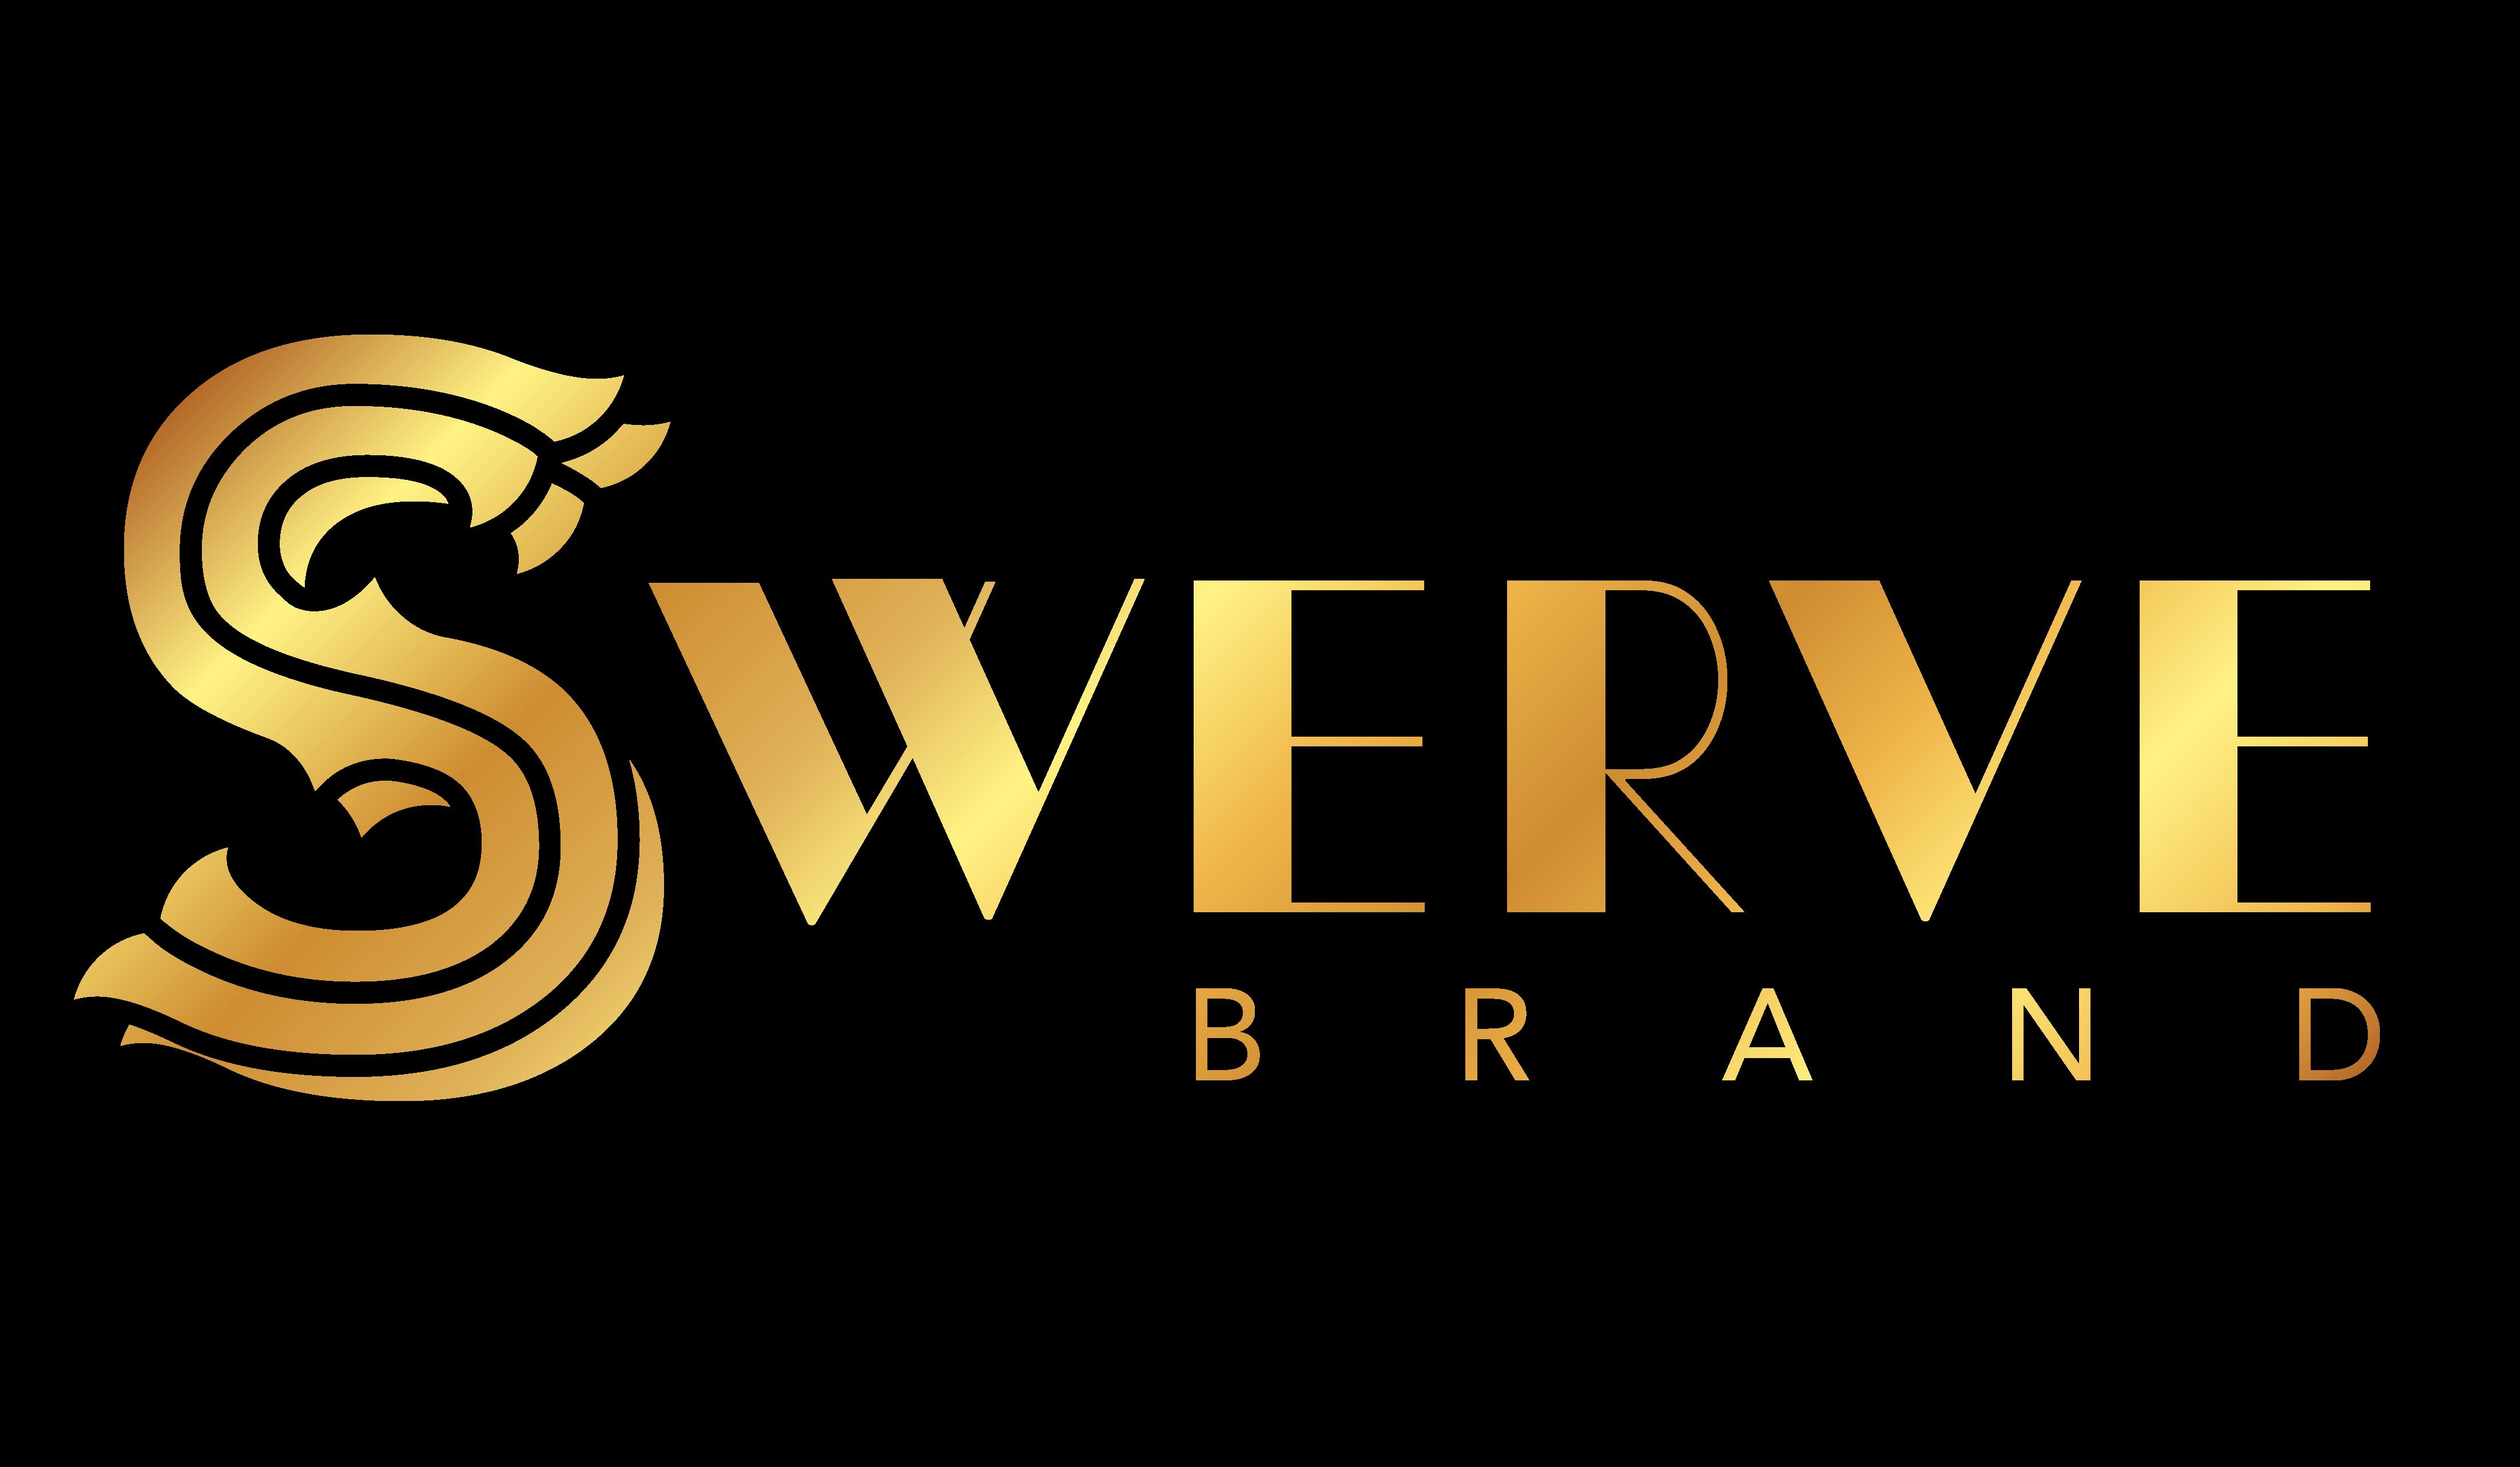 Swerve Brand Affiliate Program